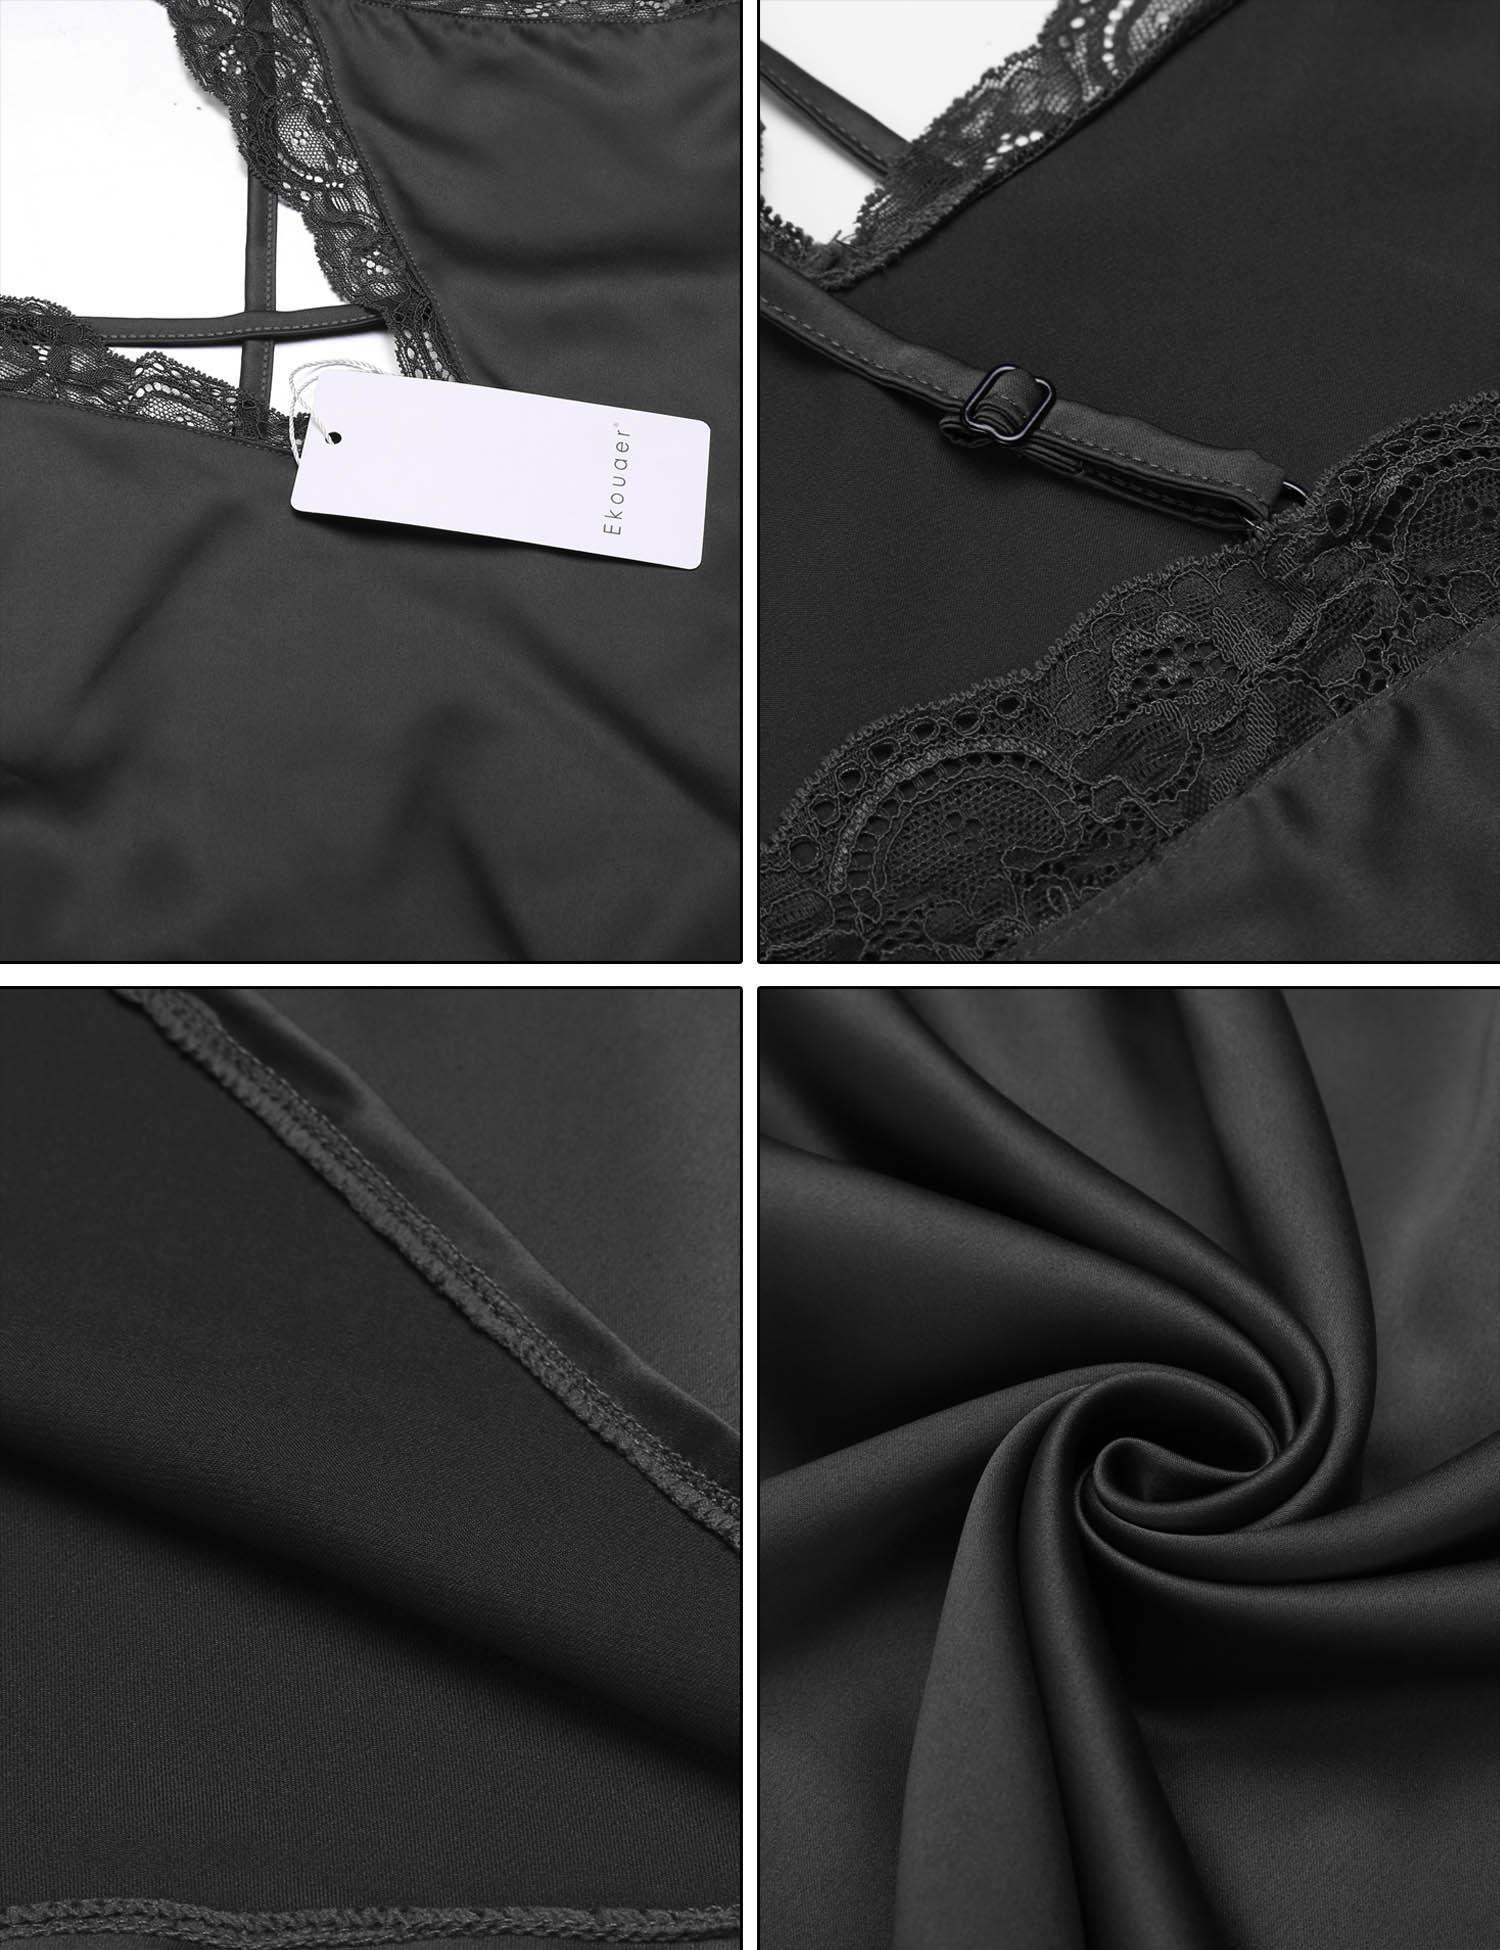 Ekouaer Women's Satin Halter Nightgown Plus Size 7 Colors